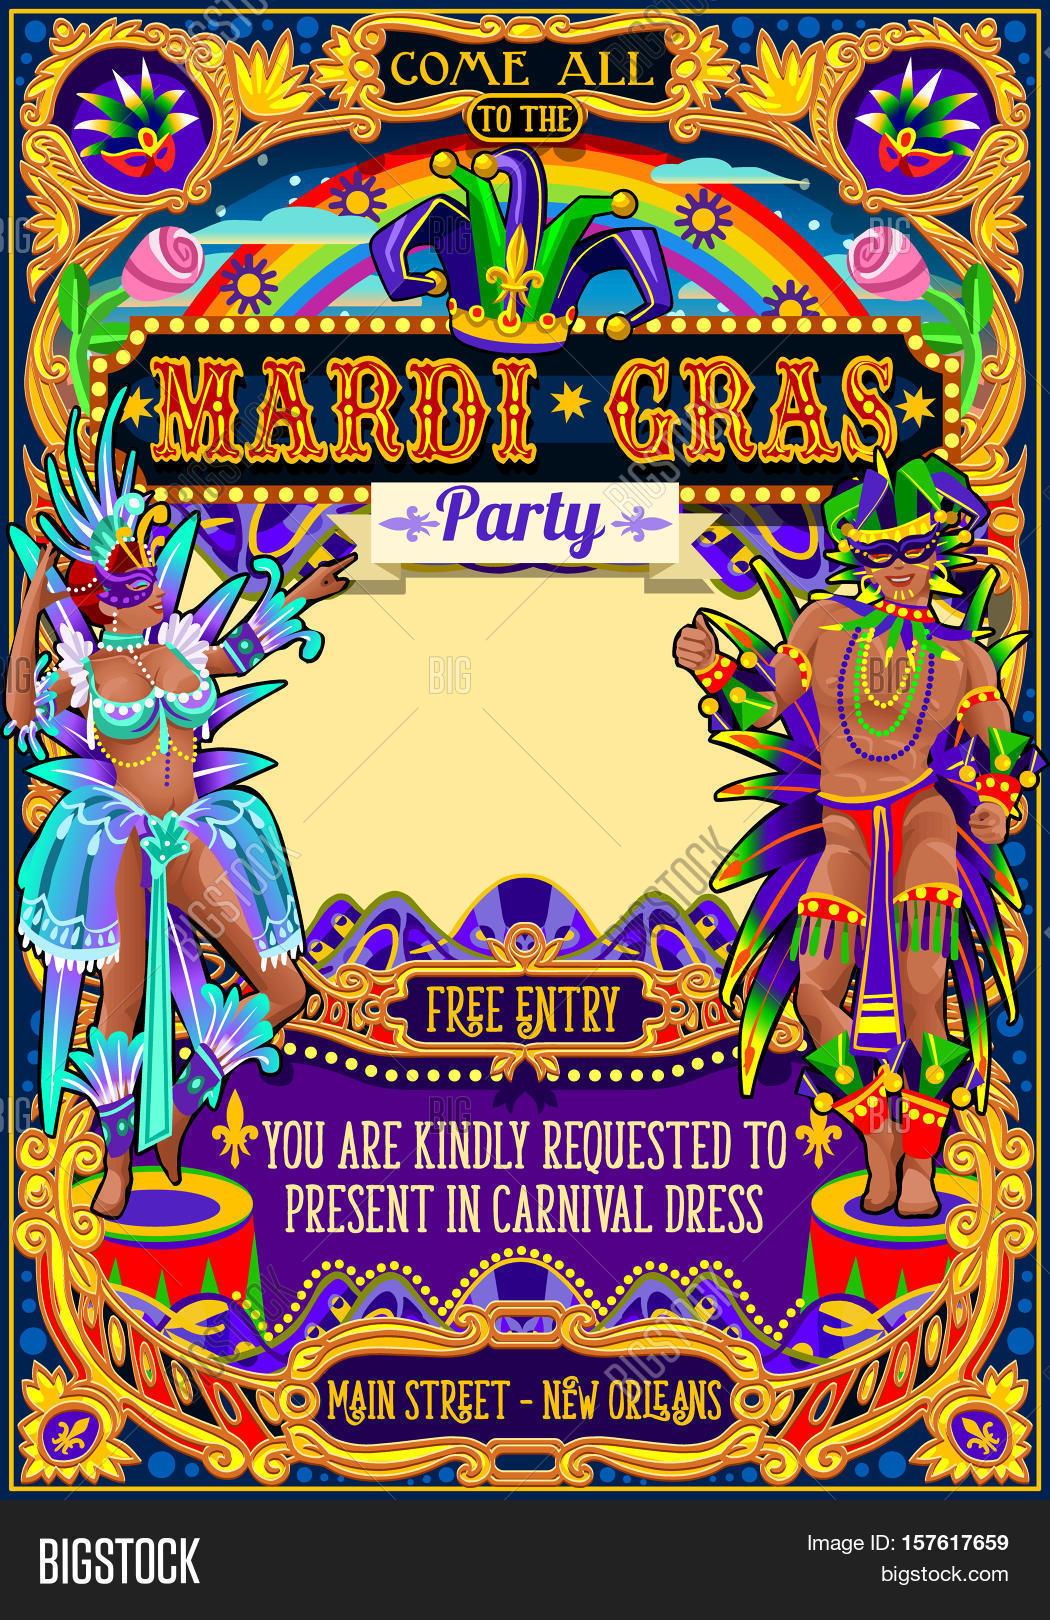 Mardi Gras Festival Poster Vector & Photo | Bigstock